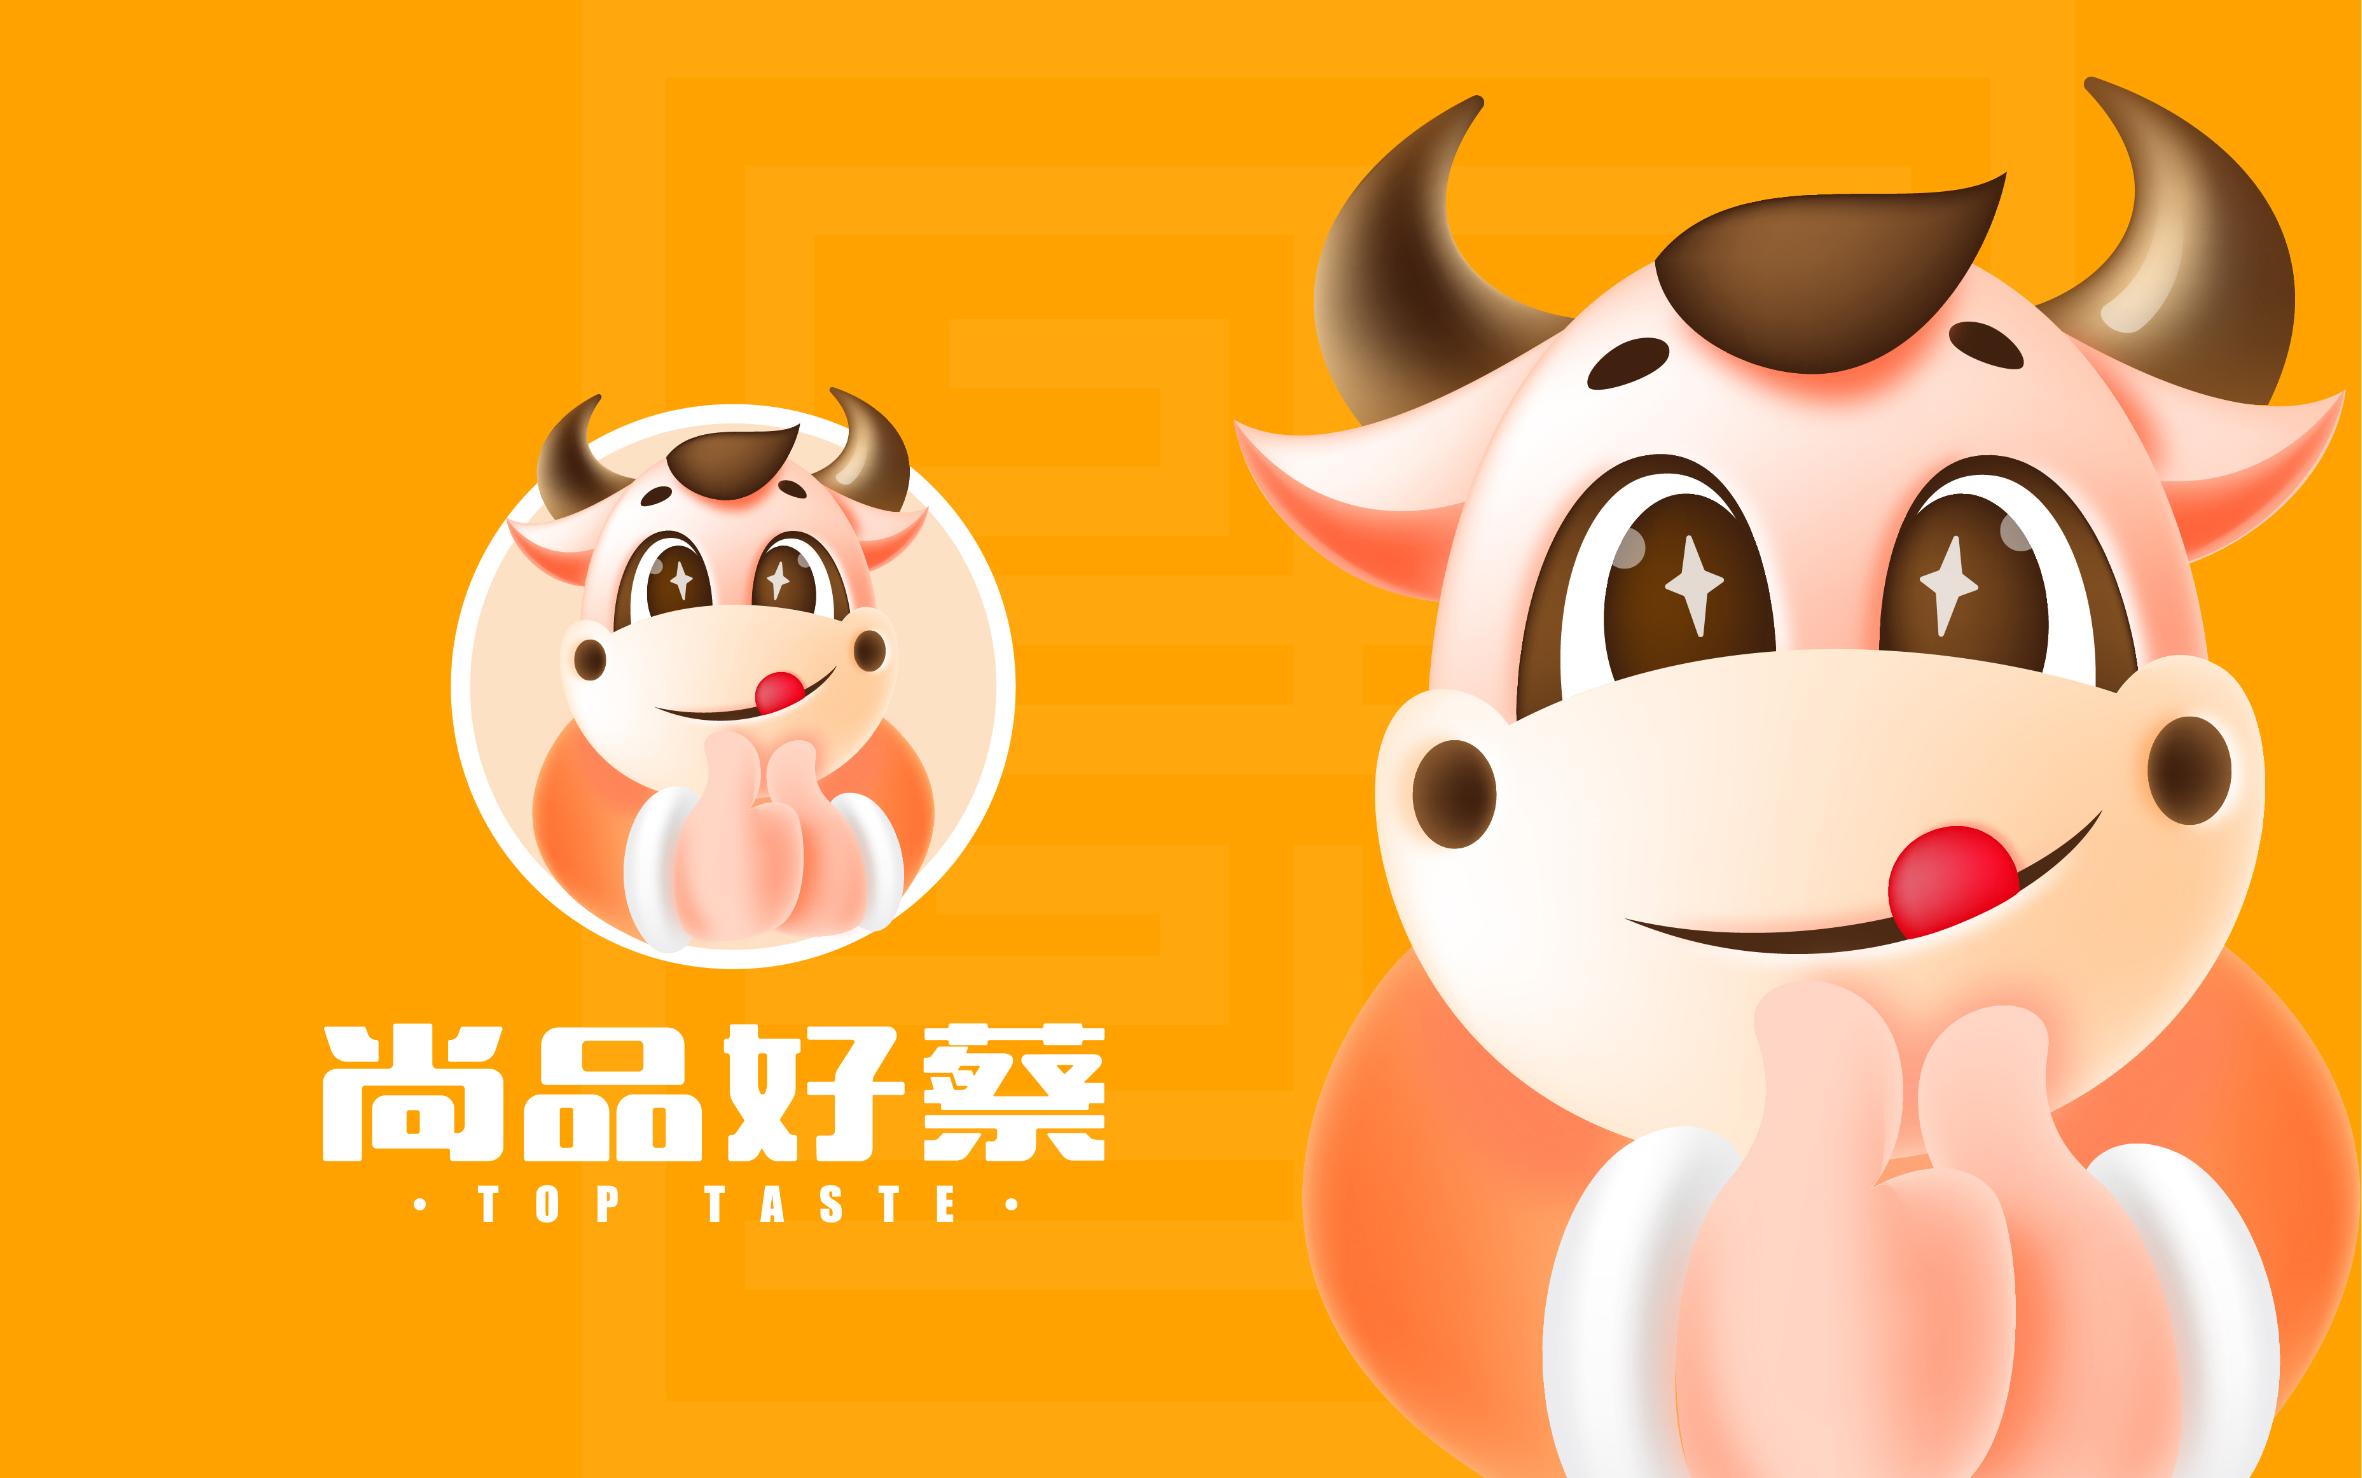 卡通IP形象卡通logo吉祥物设计形象商业插画Q版手绘表情包